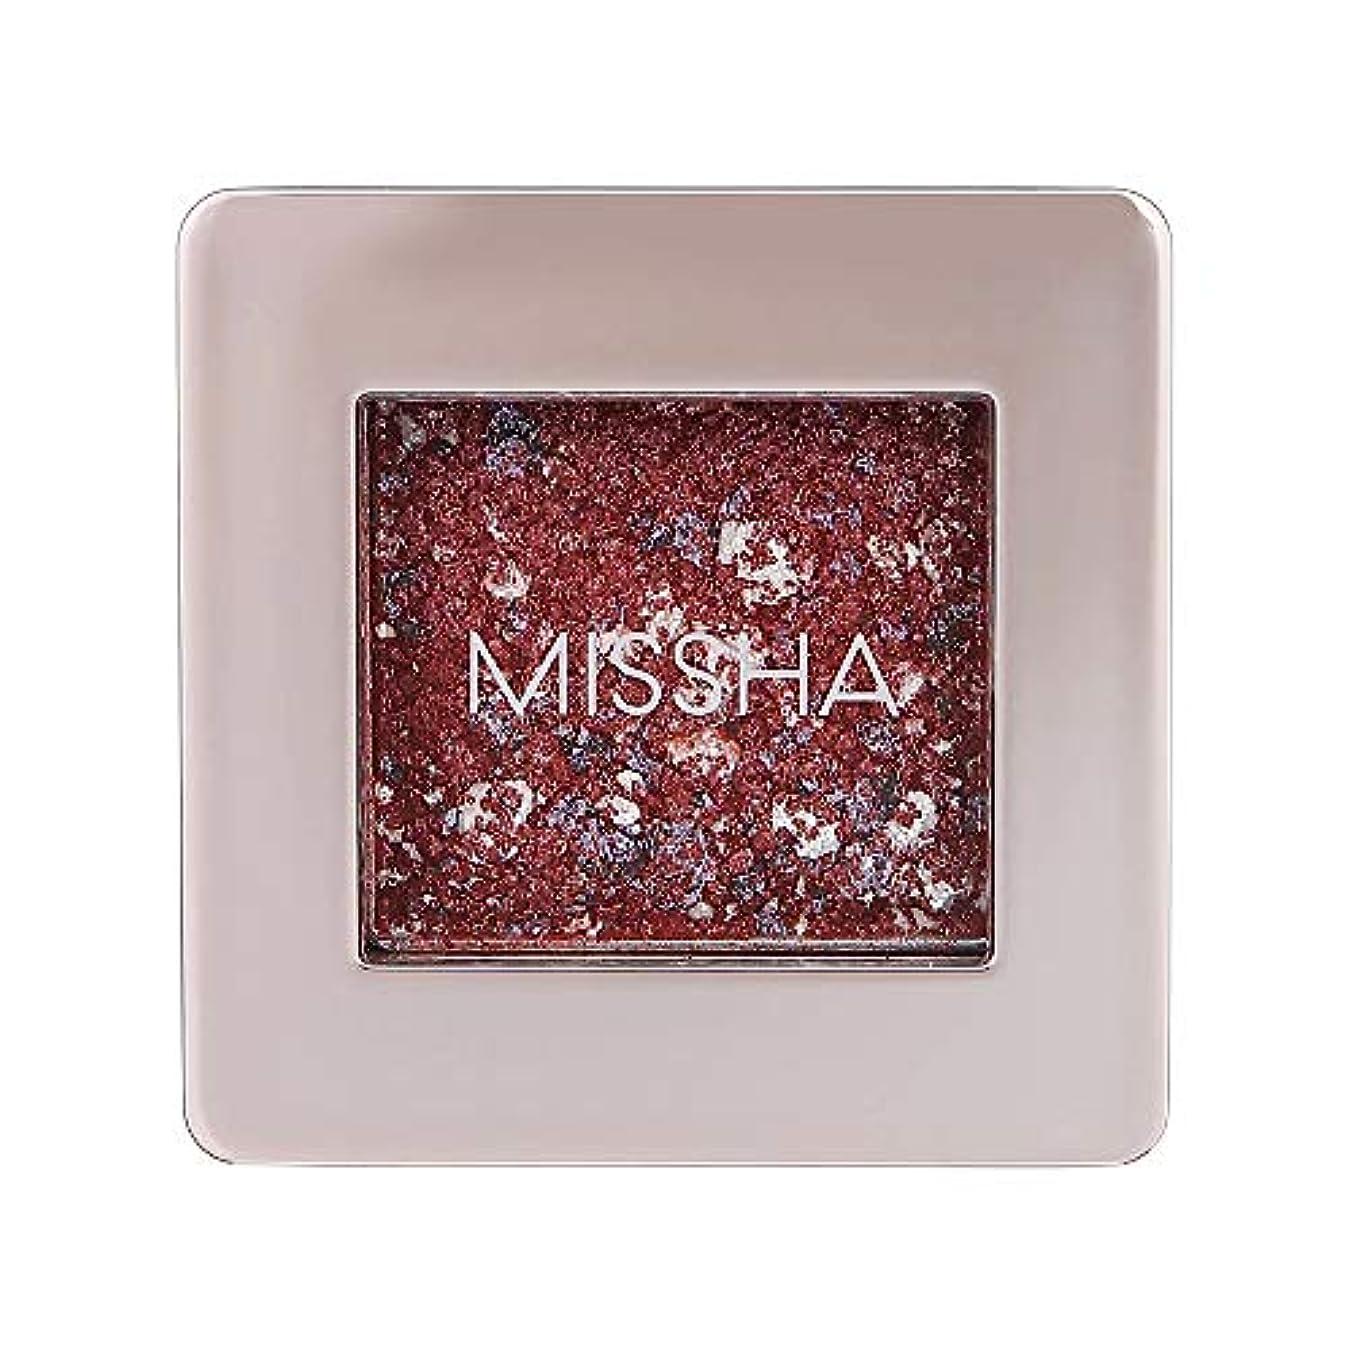 差別的ビリーヤギペレグリネーションMISSHA(ミシャ) ミシャ グリッタープリズム シャドウ アイシャドウ GBG01 1個